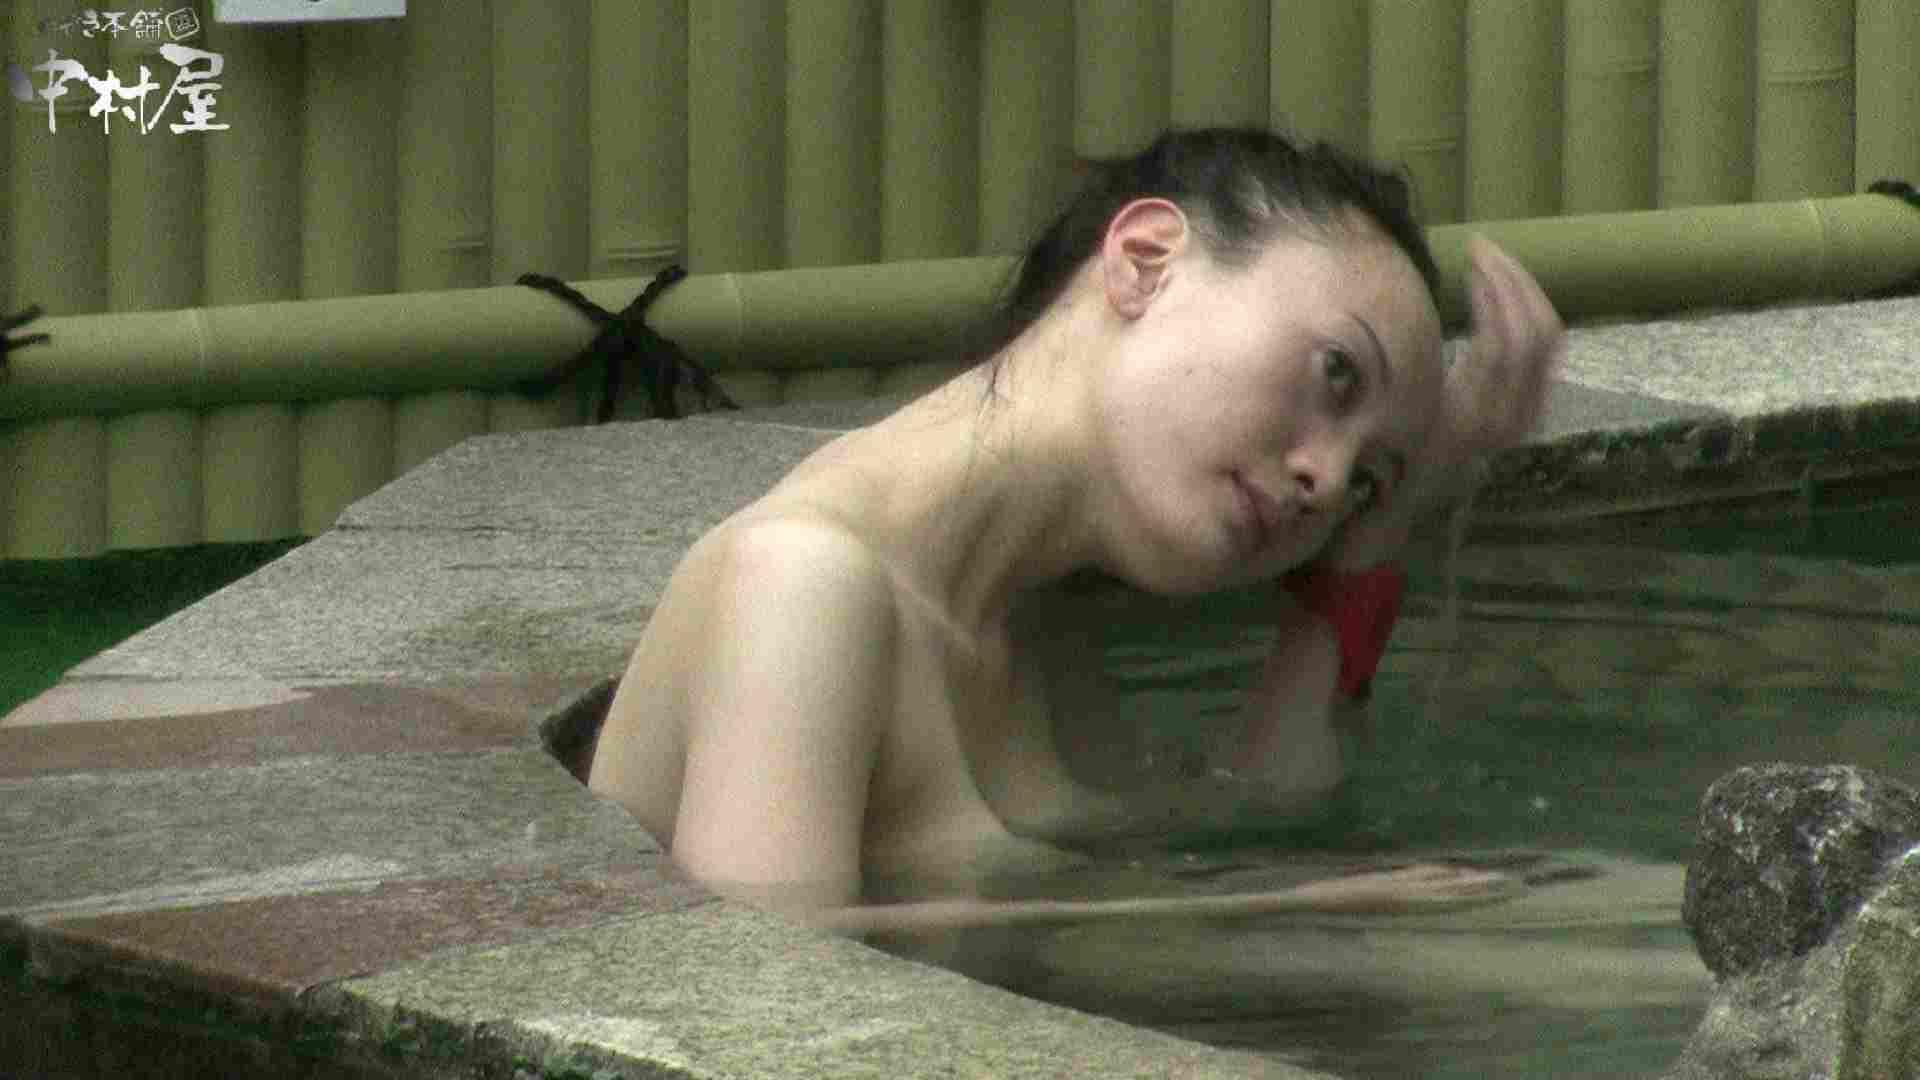 Aquaな露天風呂Vol.900 美しいOLの裸体  86pic 18